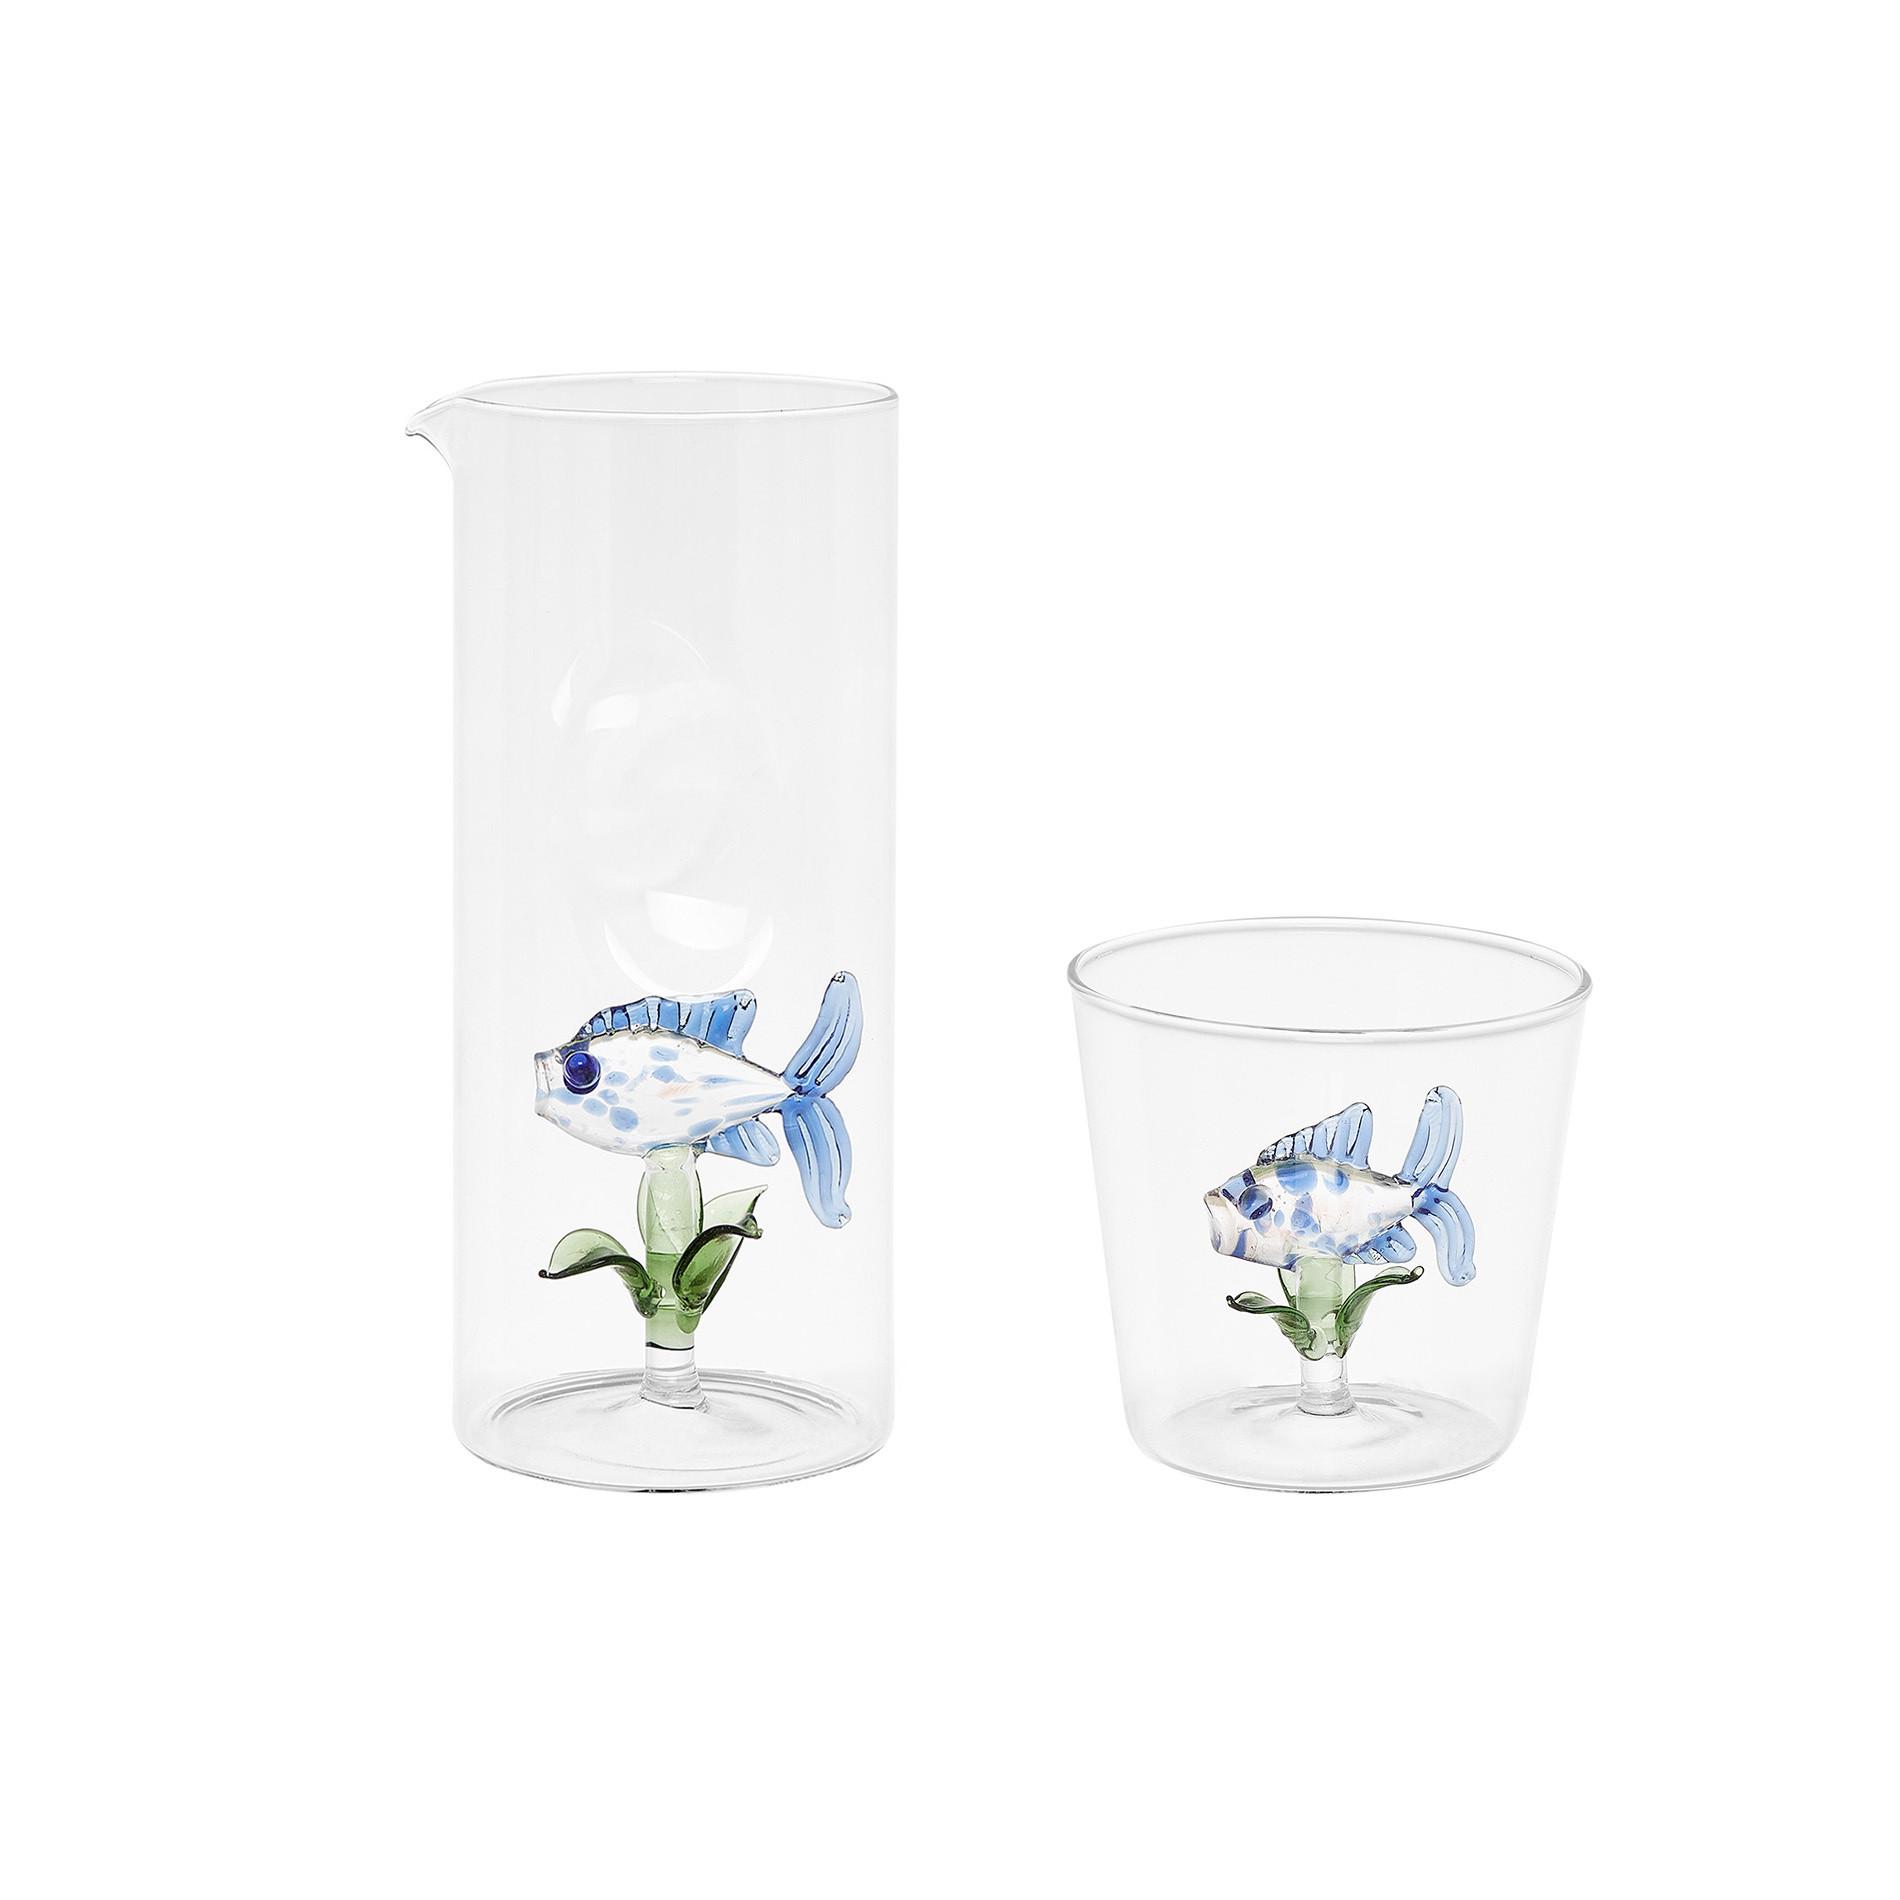 Bicchiere vetro dettaglio pesciolino, Trasparente, large image number 2